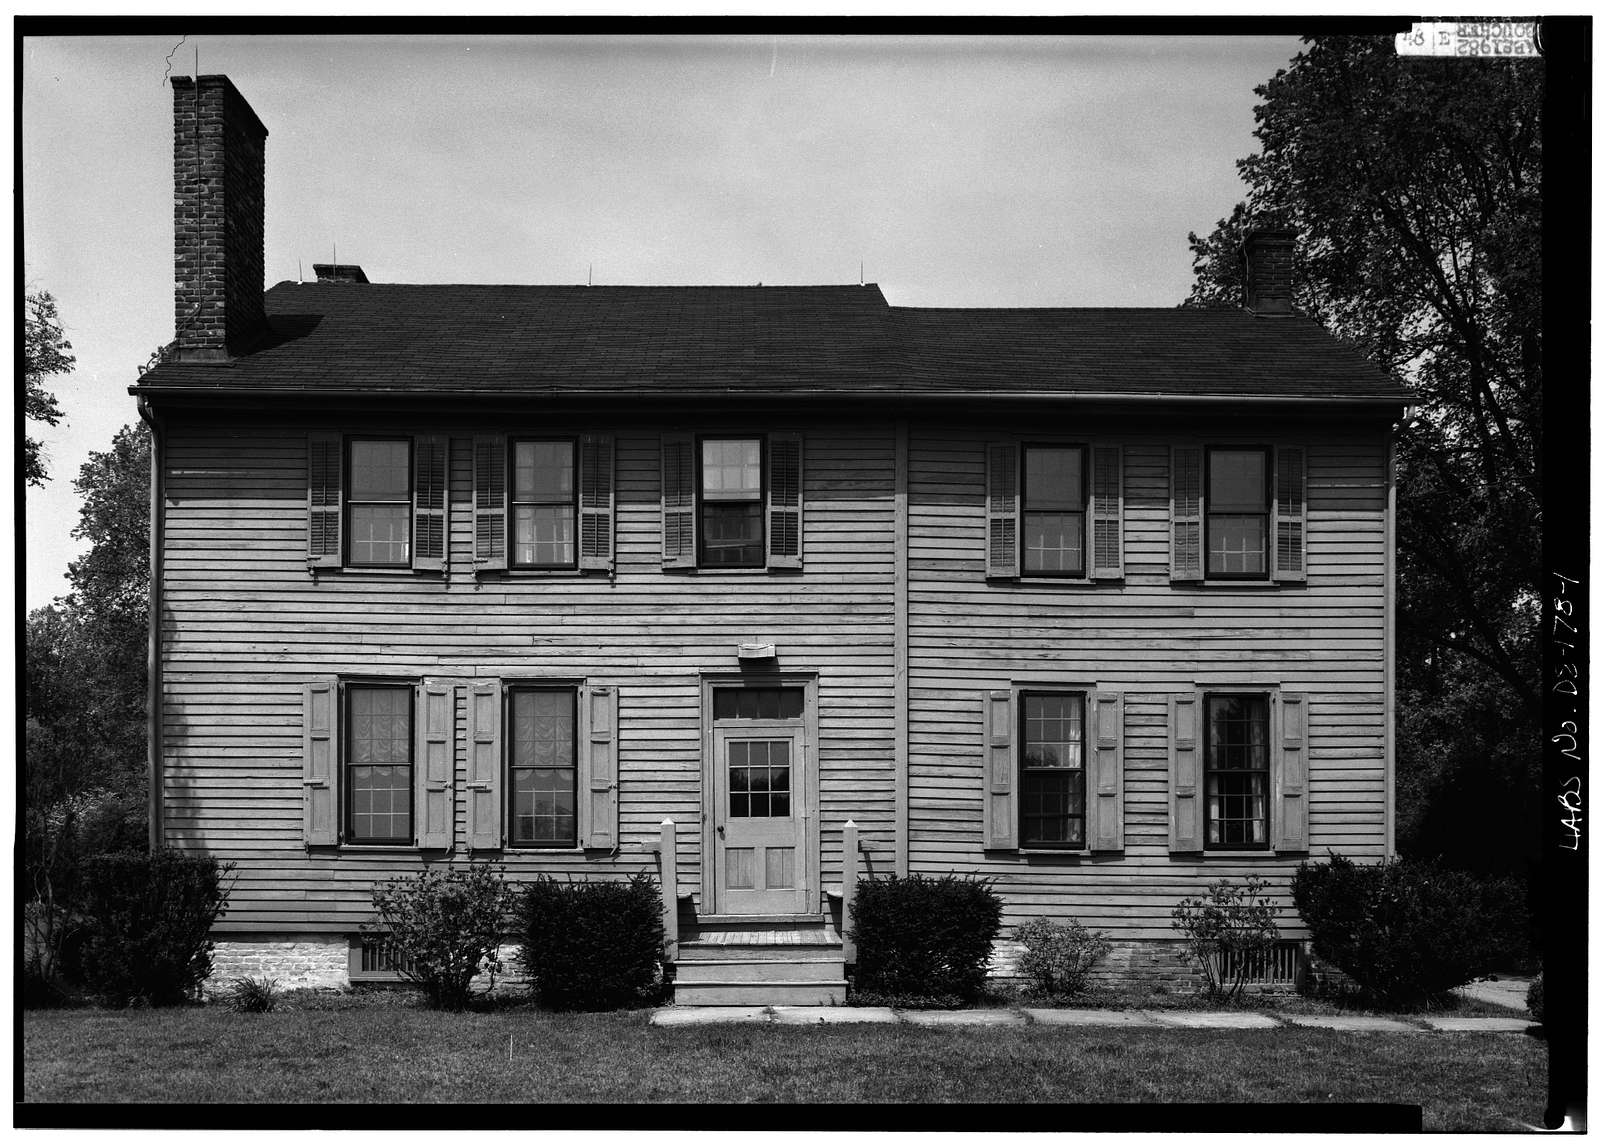 Brecknock, U.S. Route 13, Camden, Kent County, DE